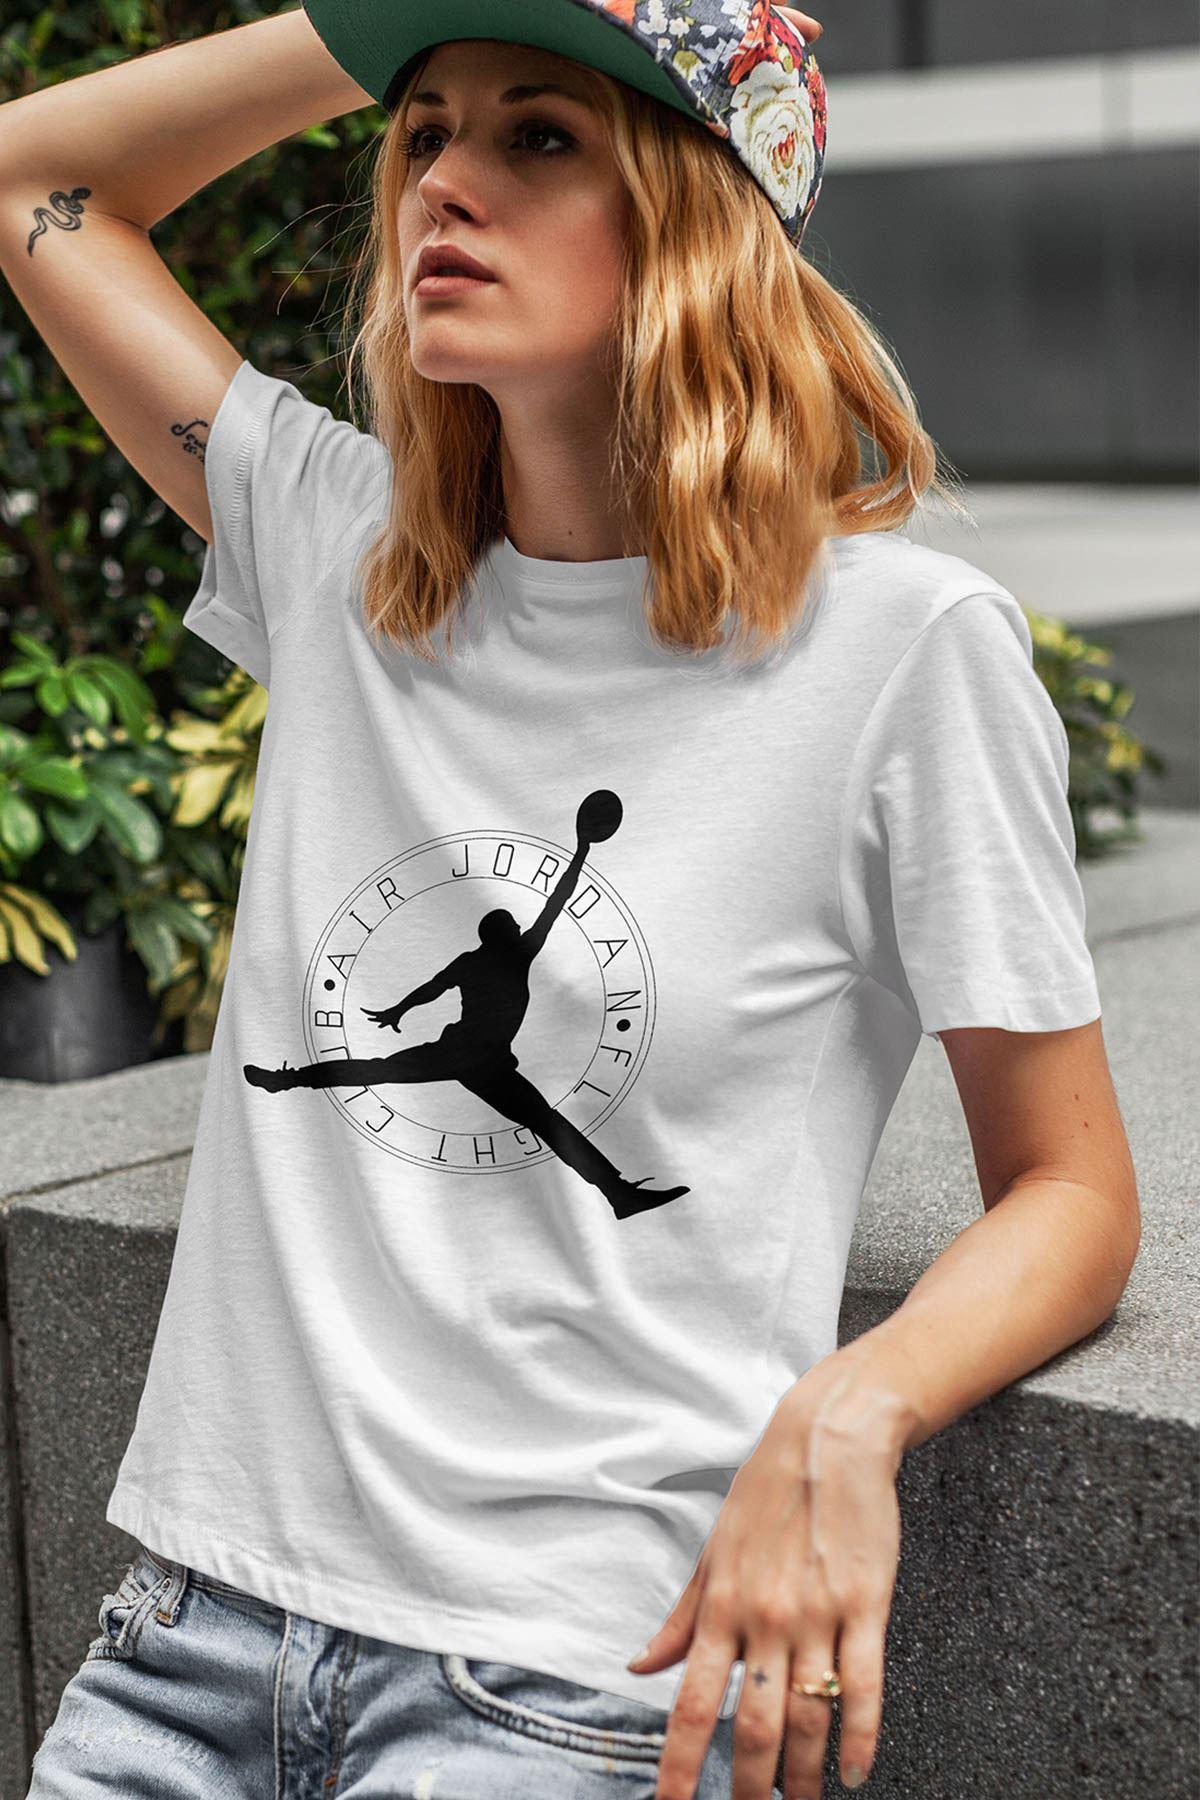 Air Jordan 19 Beyaz NBA Kadın Tshirt - Tişört